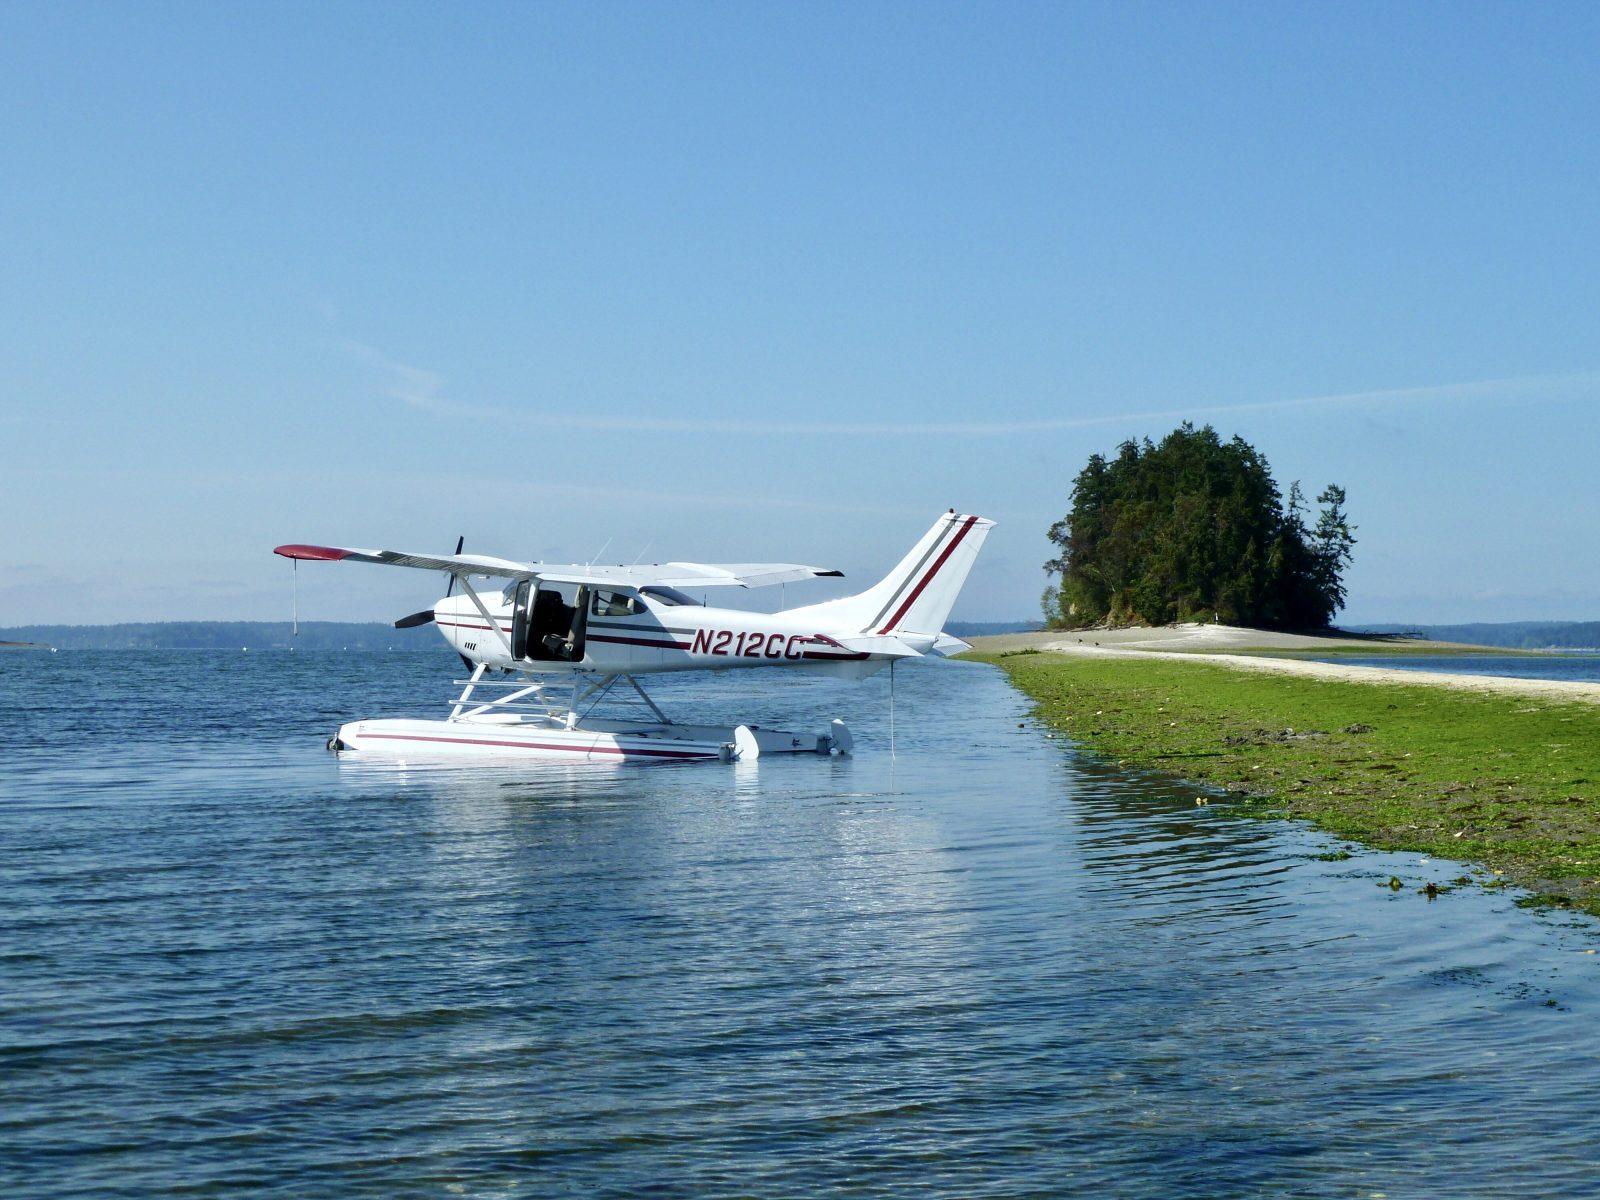 Cutts Island, Washington